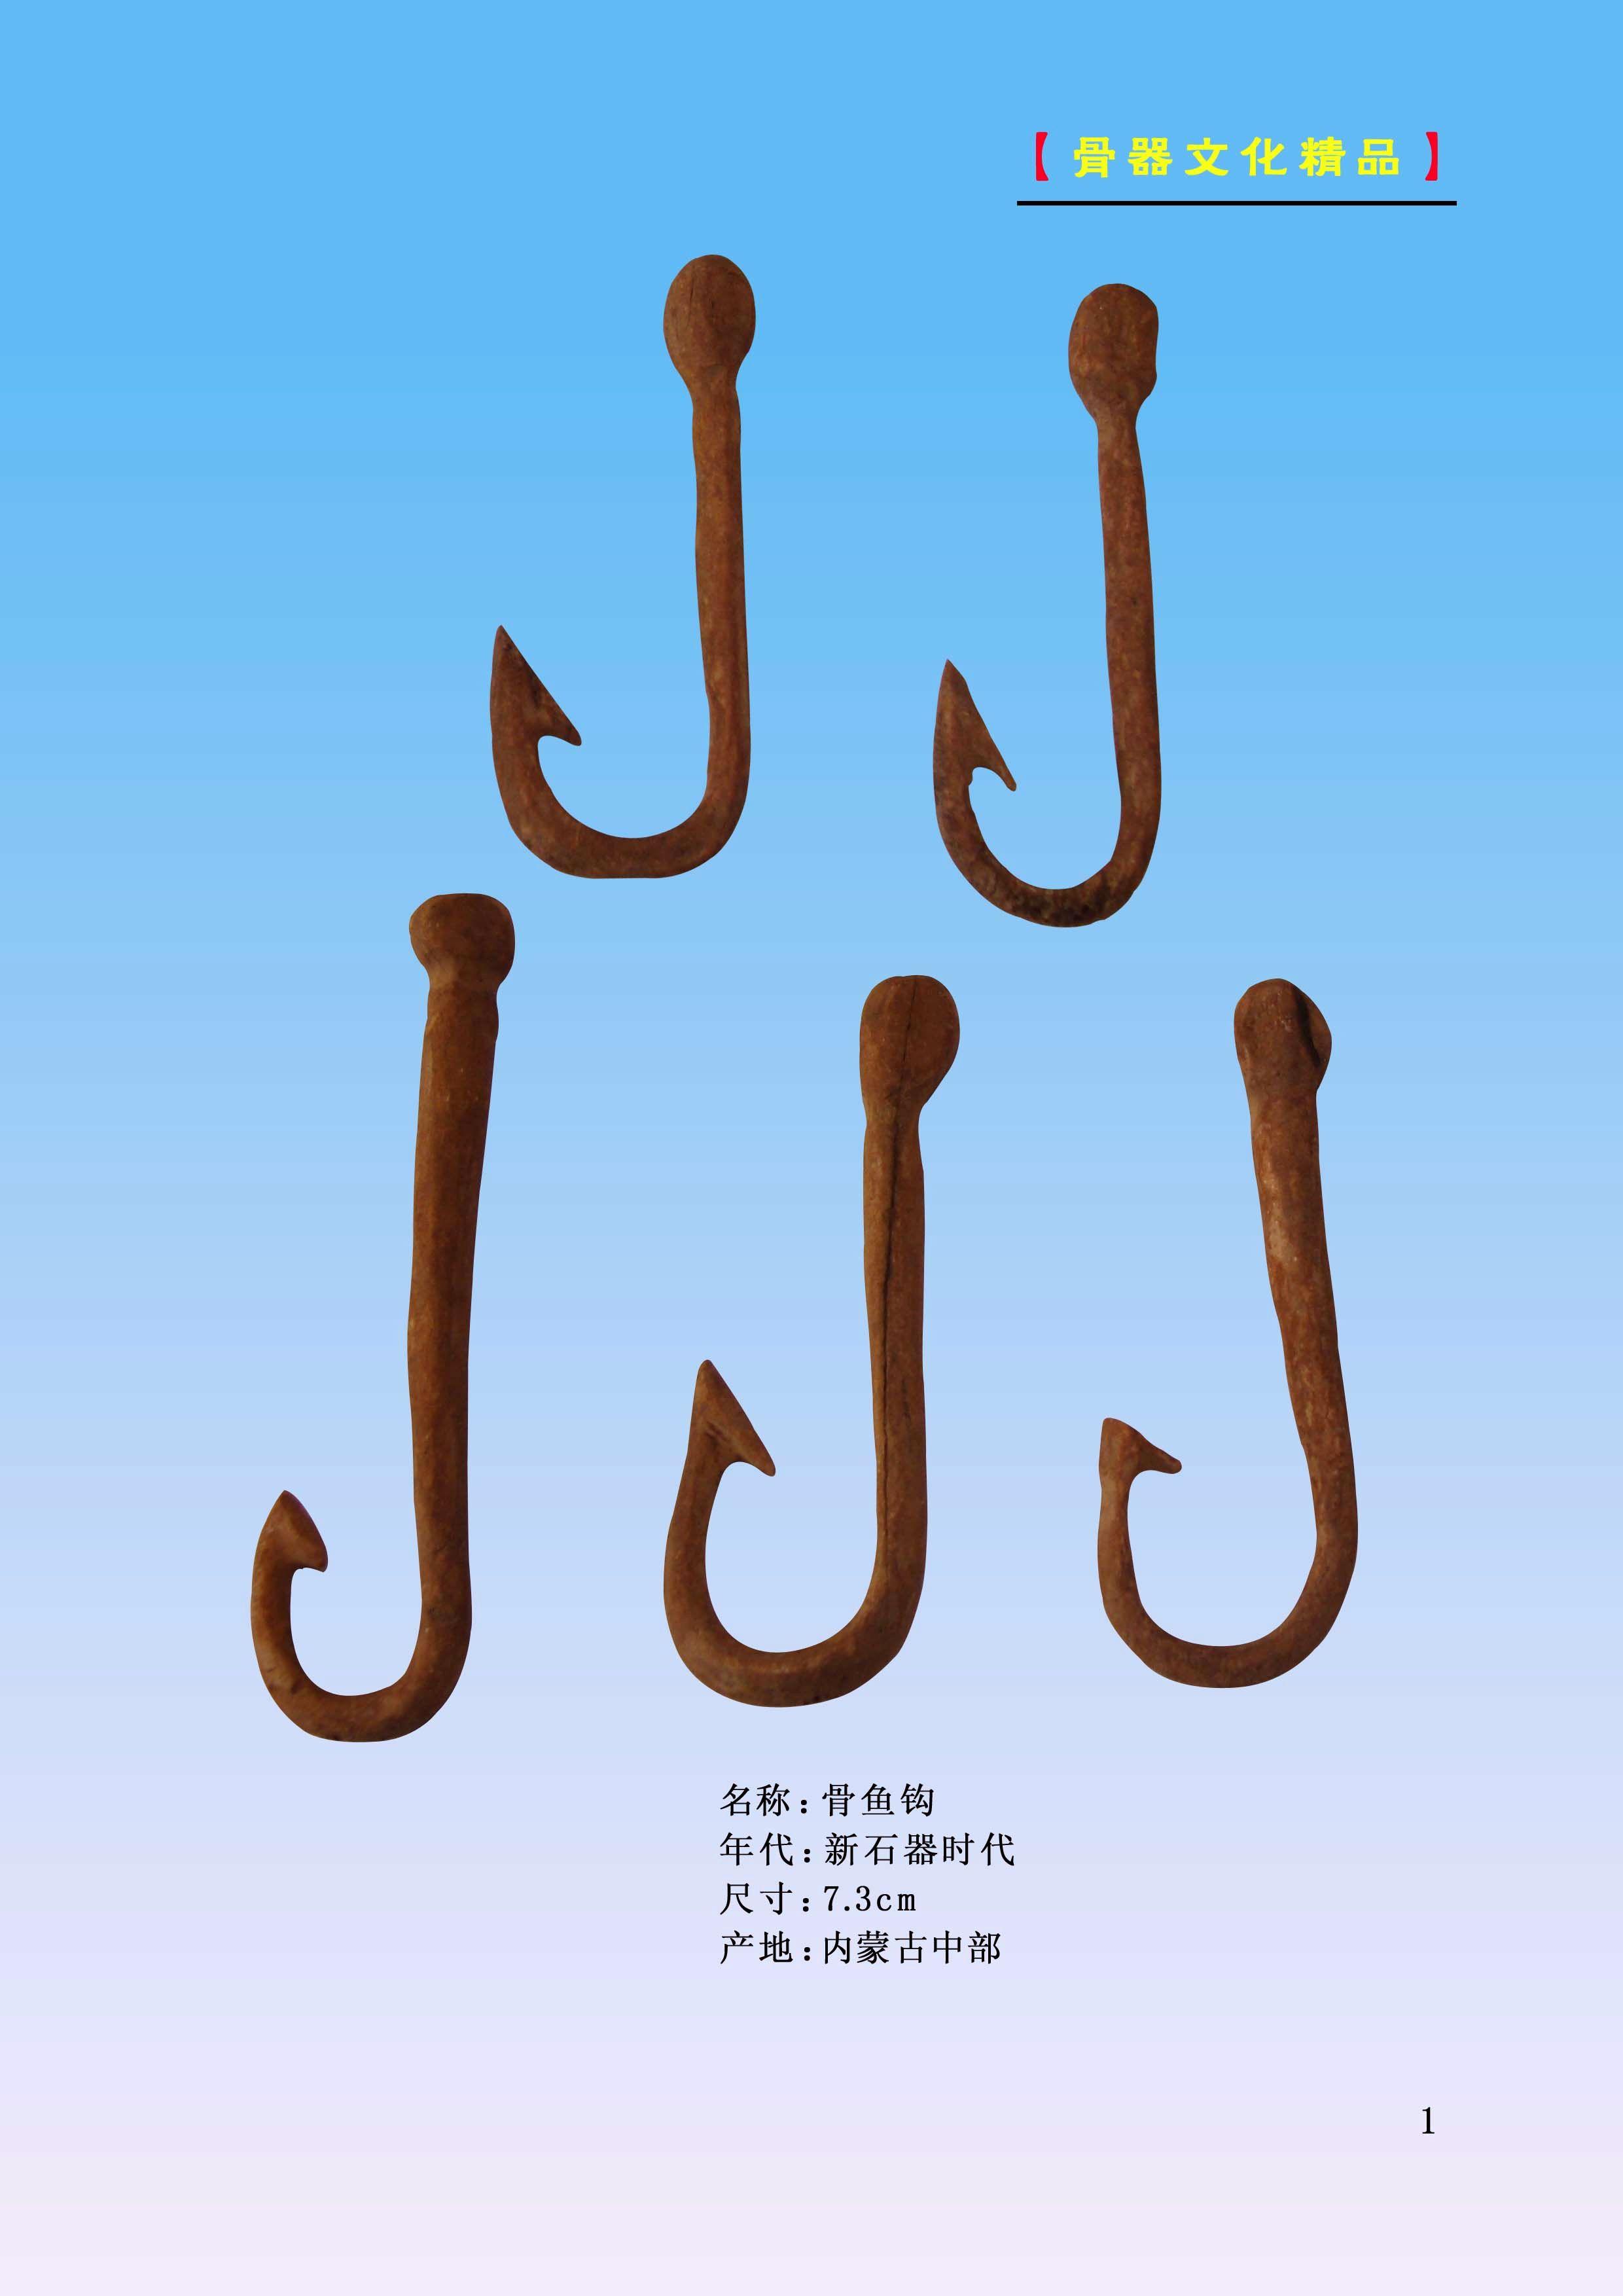 私人博物馆 草原文化骨器博物馆